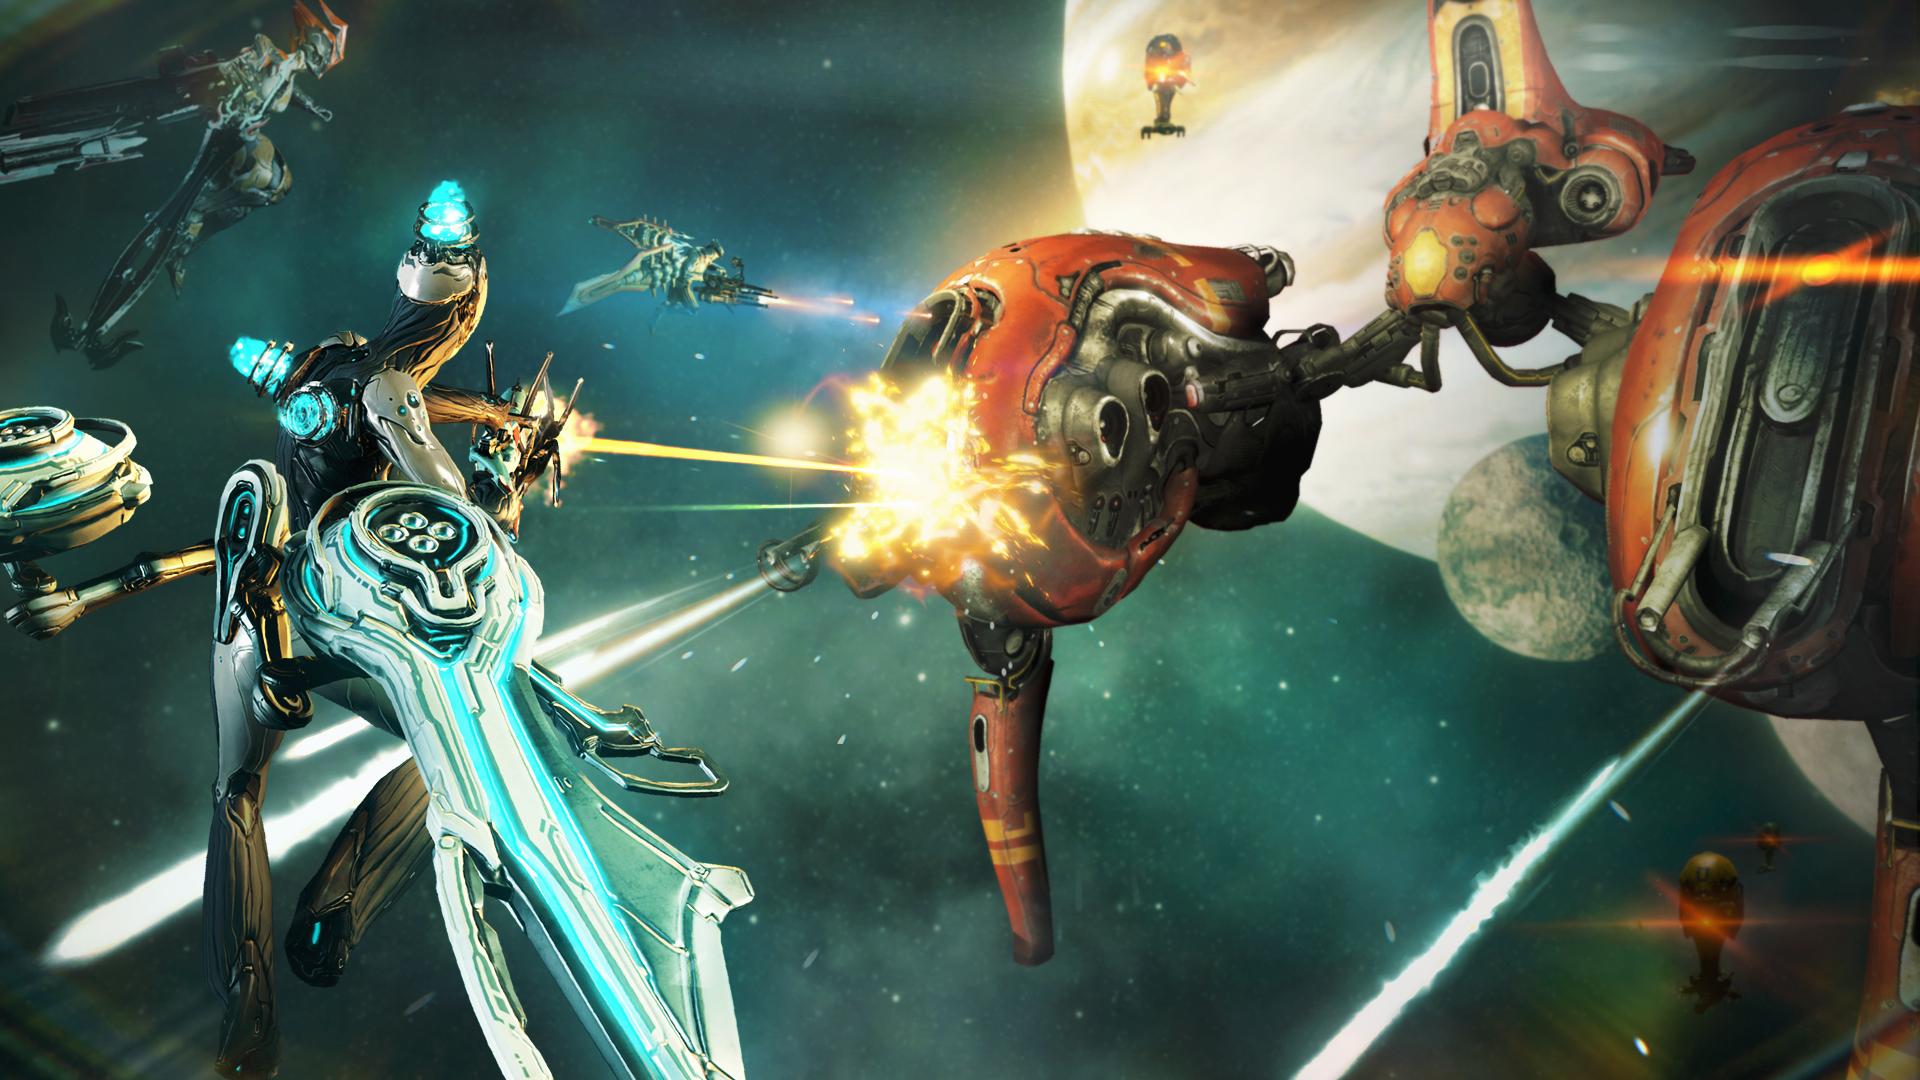 Best PC games: Warframe